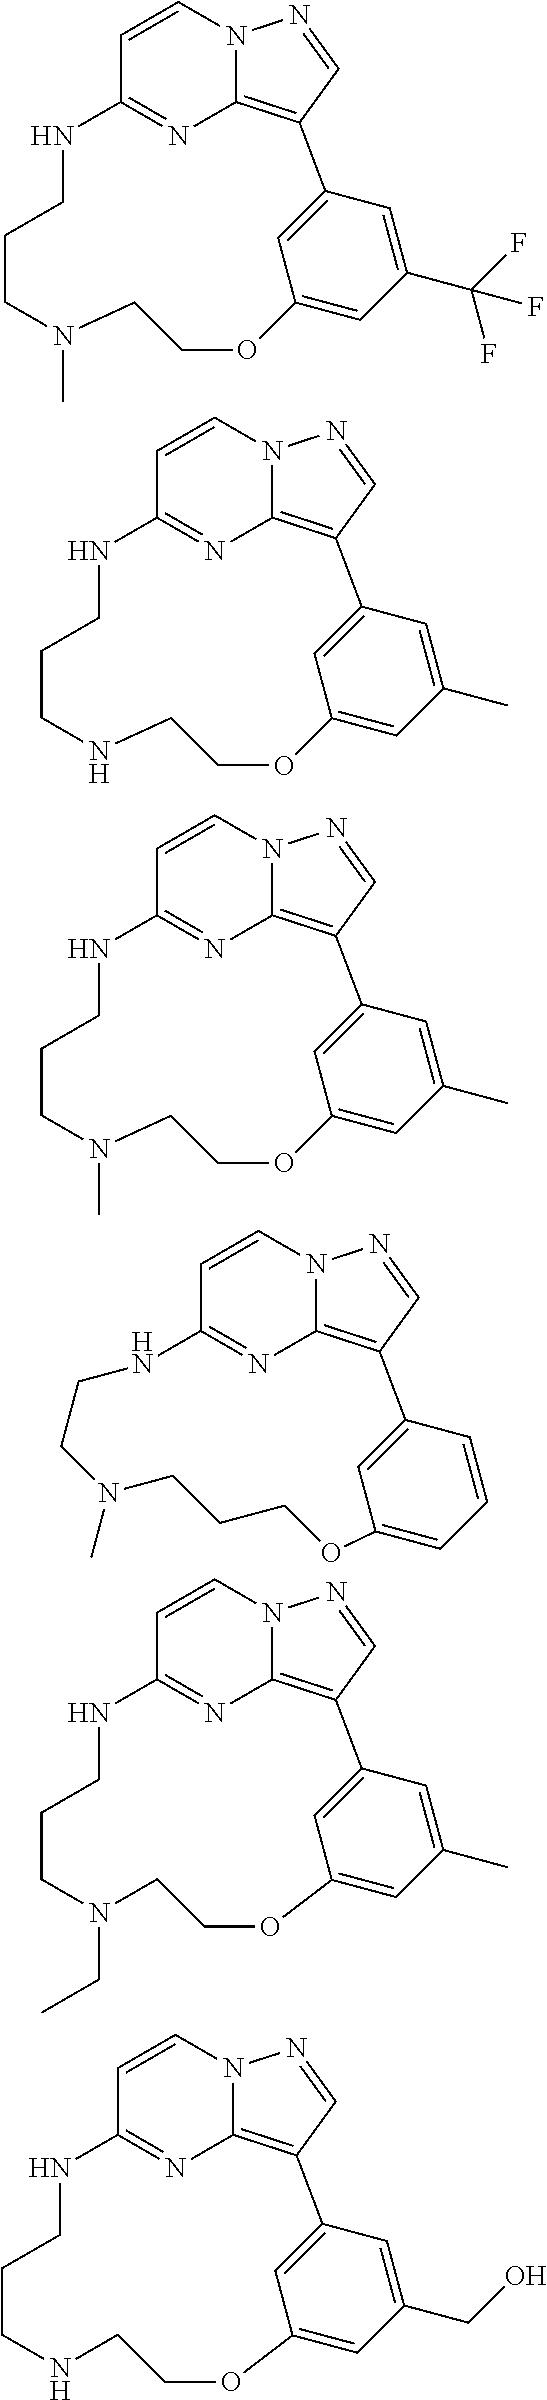 Figure US09586975-20170307-C00009